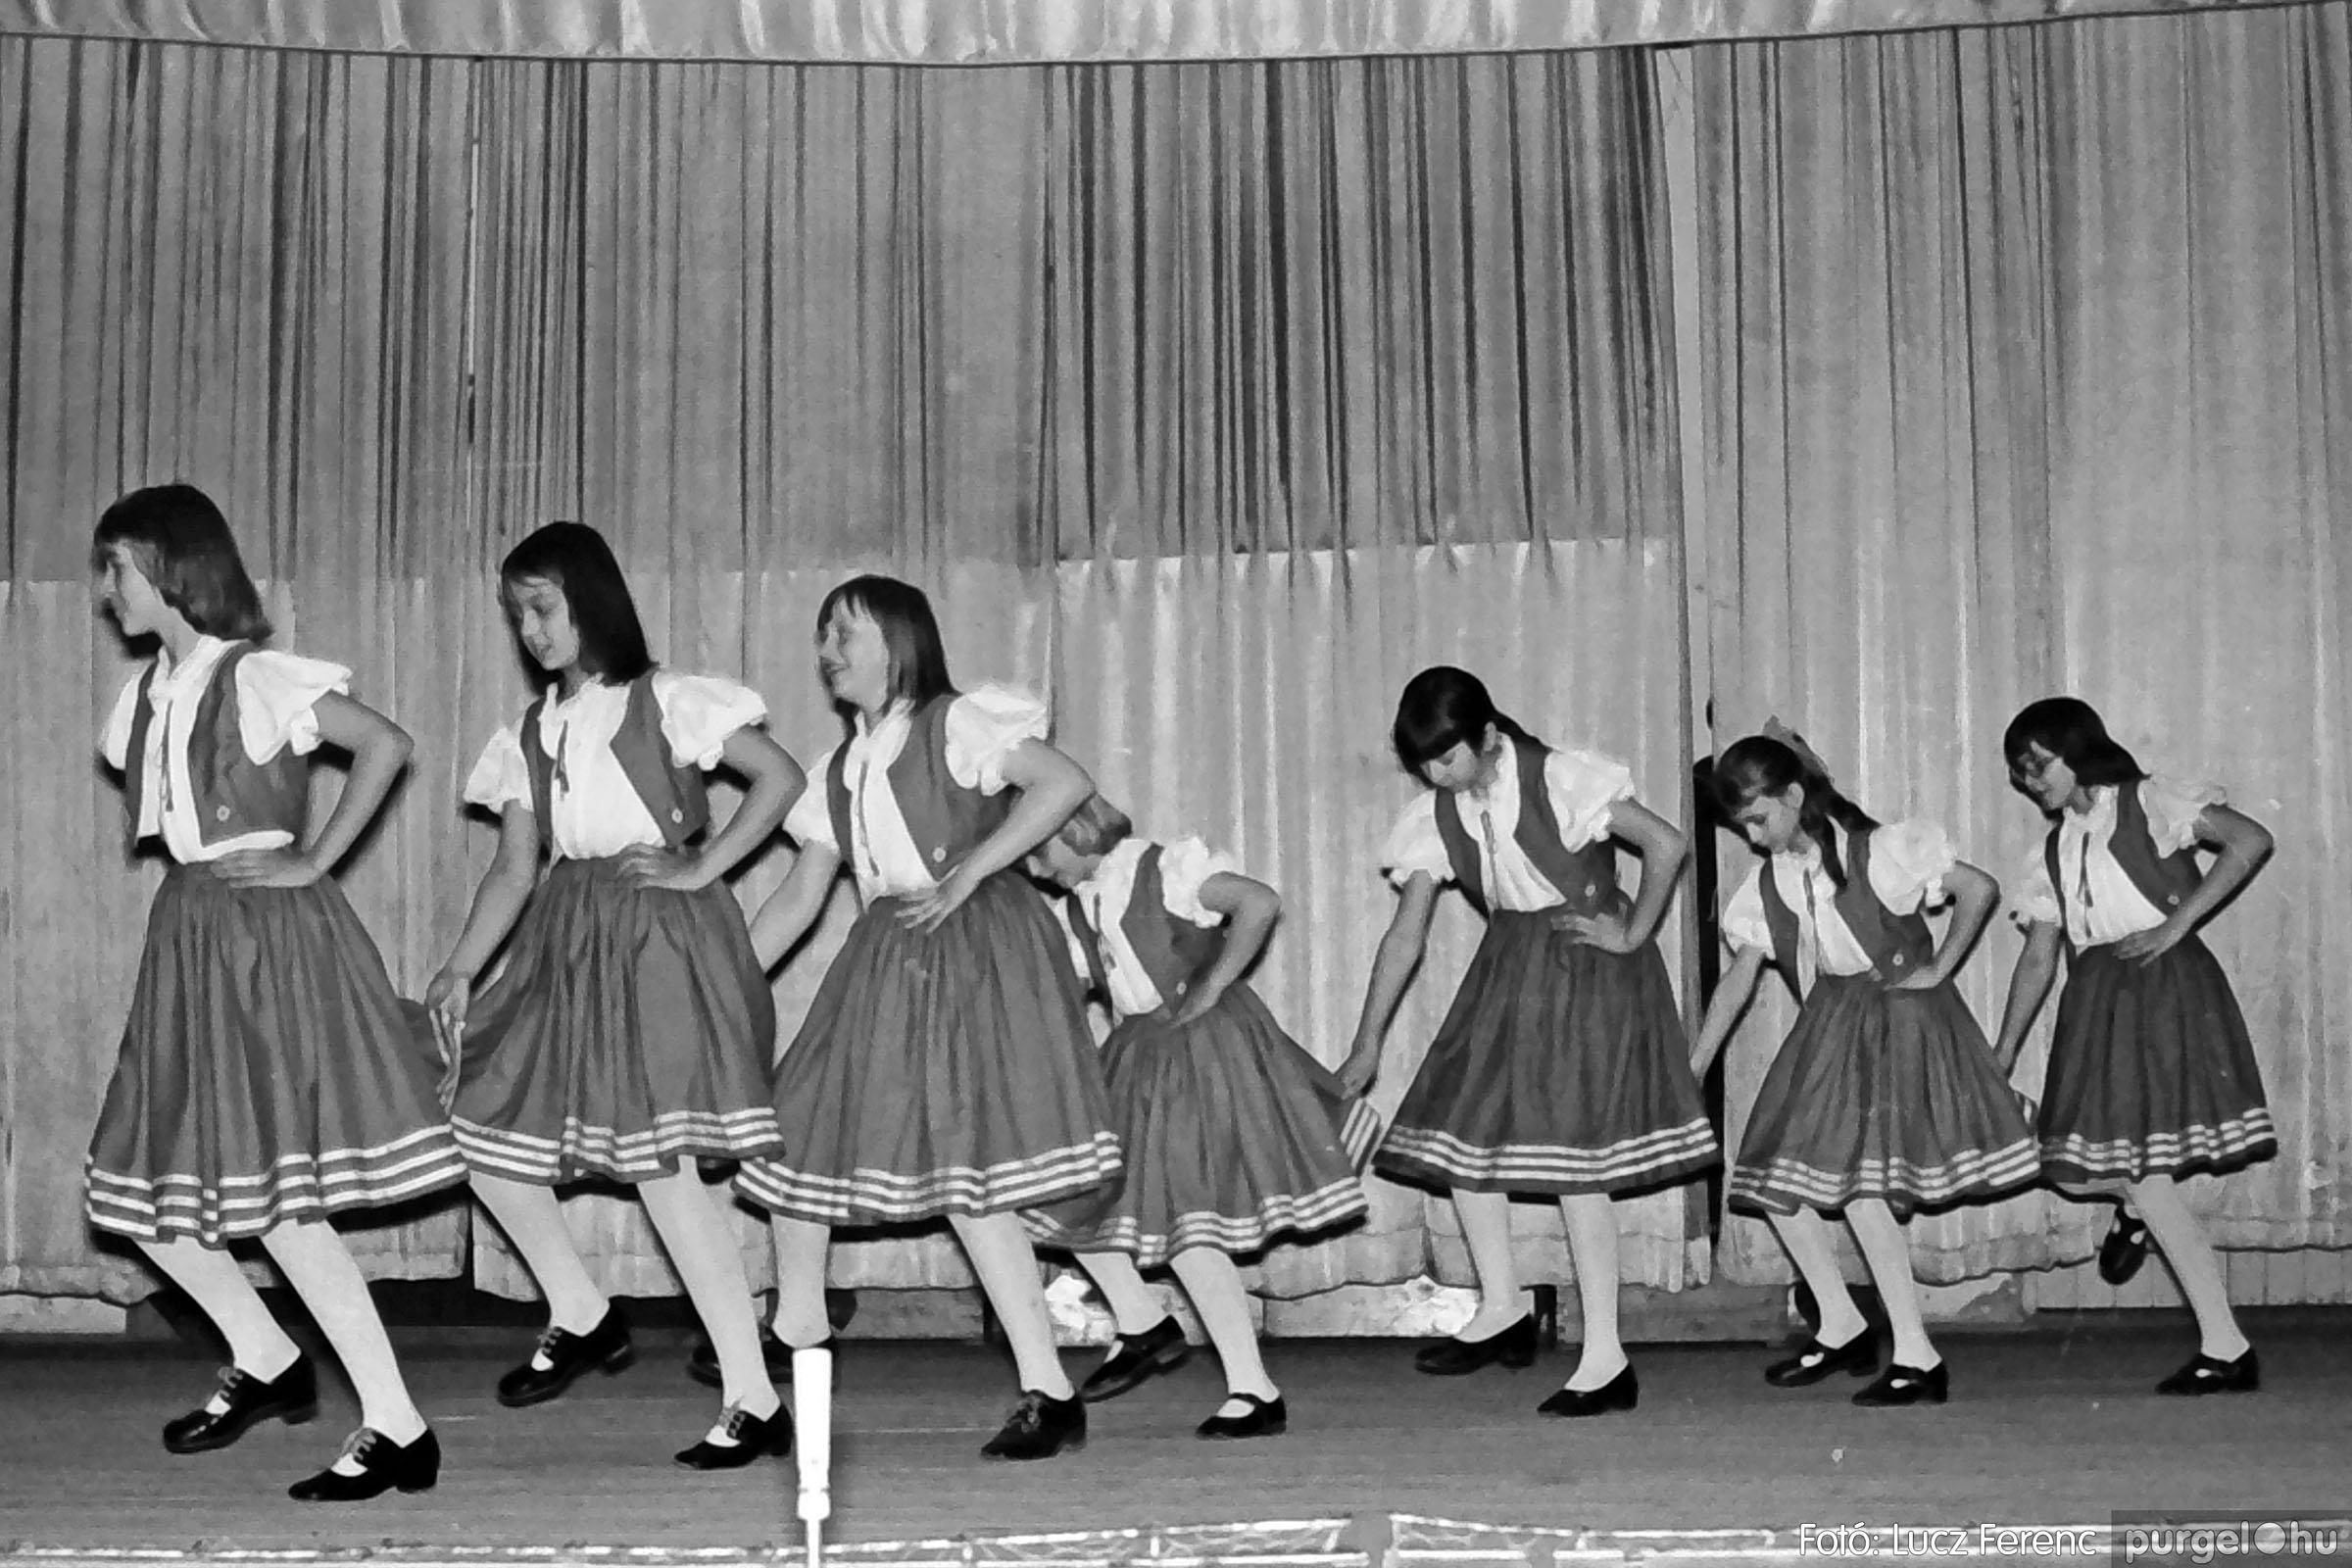 033. 1976. Diákrendezvény a kultúrházban 008 - Fotó: Lucz Ferenc.jpg